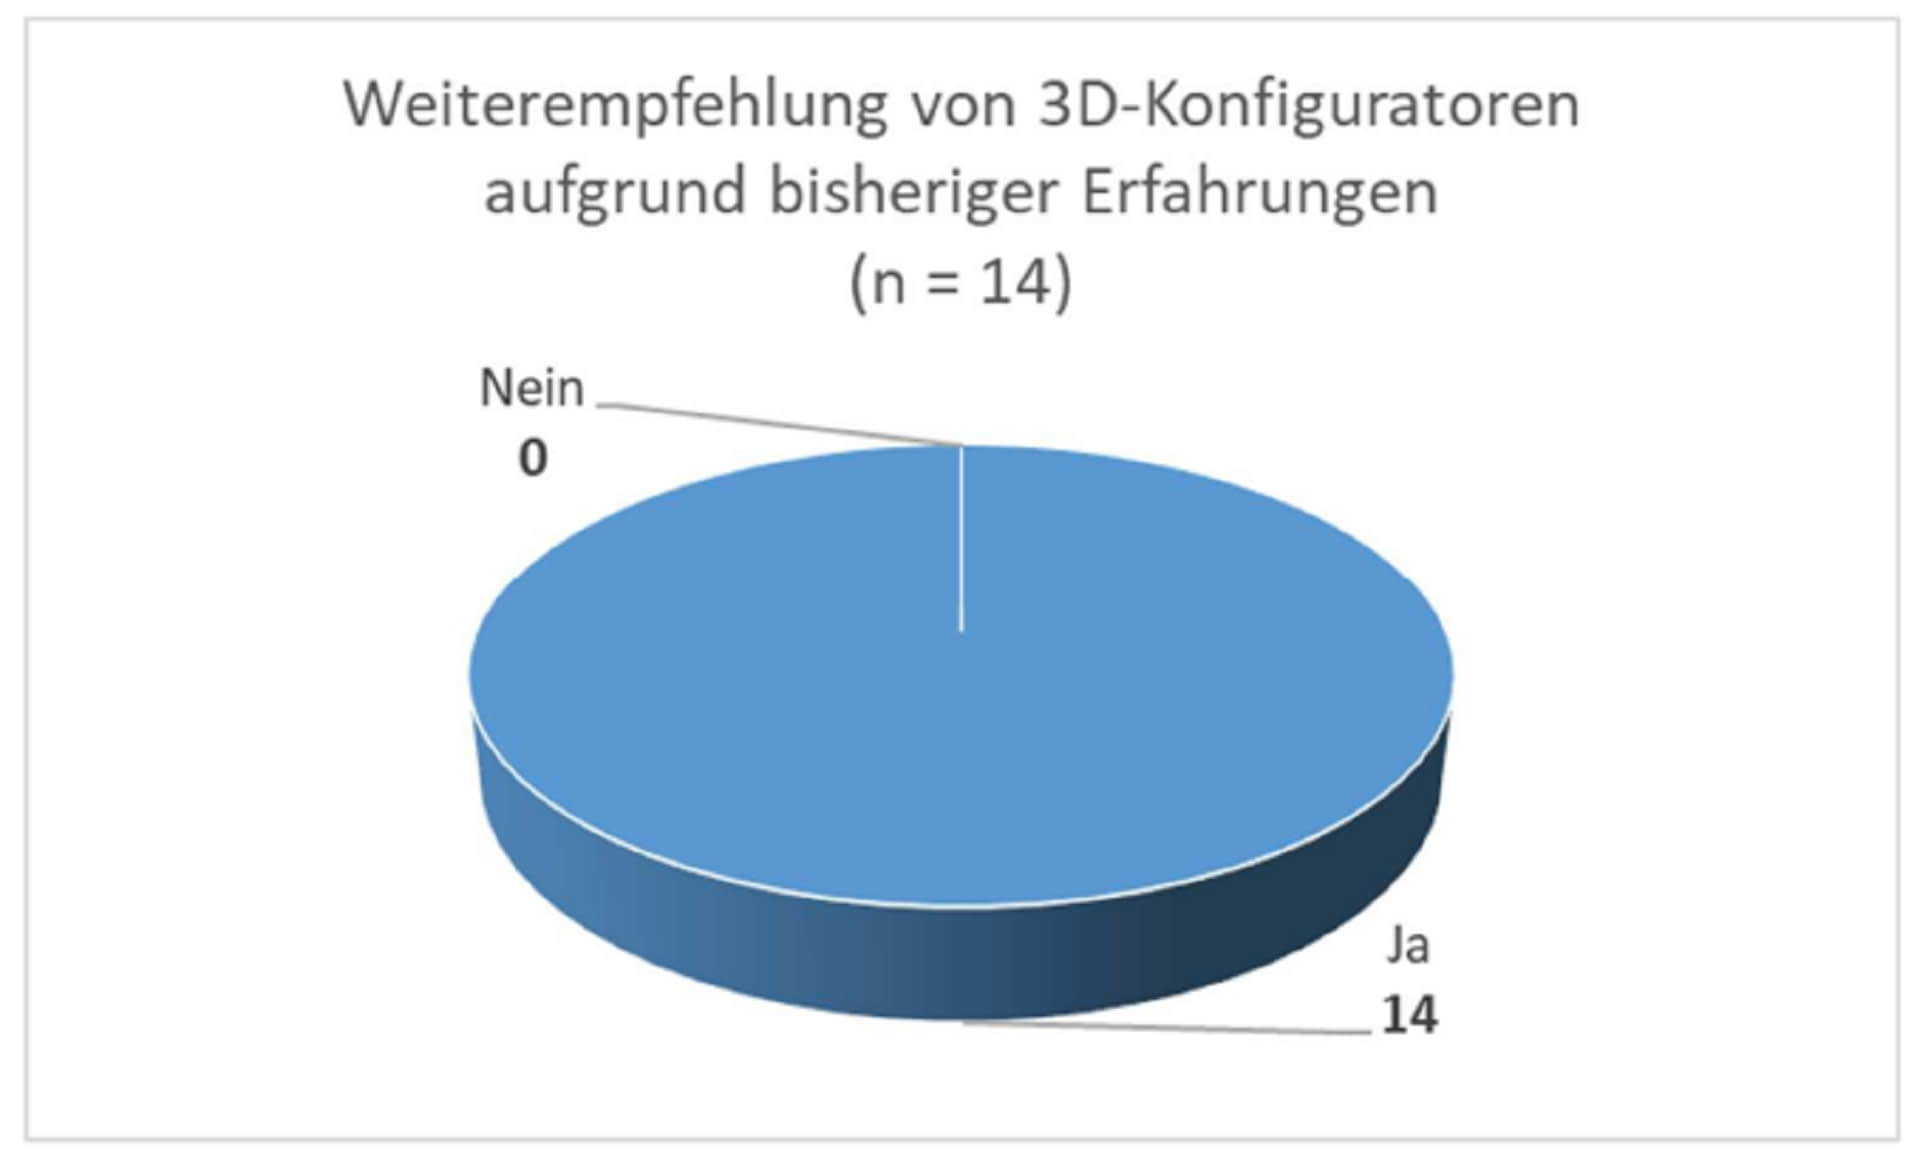 weiterempfehlung-kfg_1920